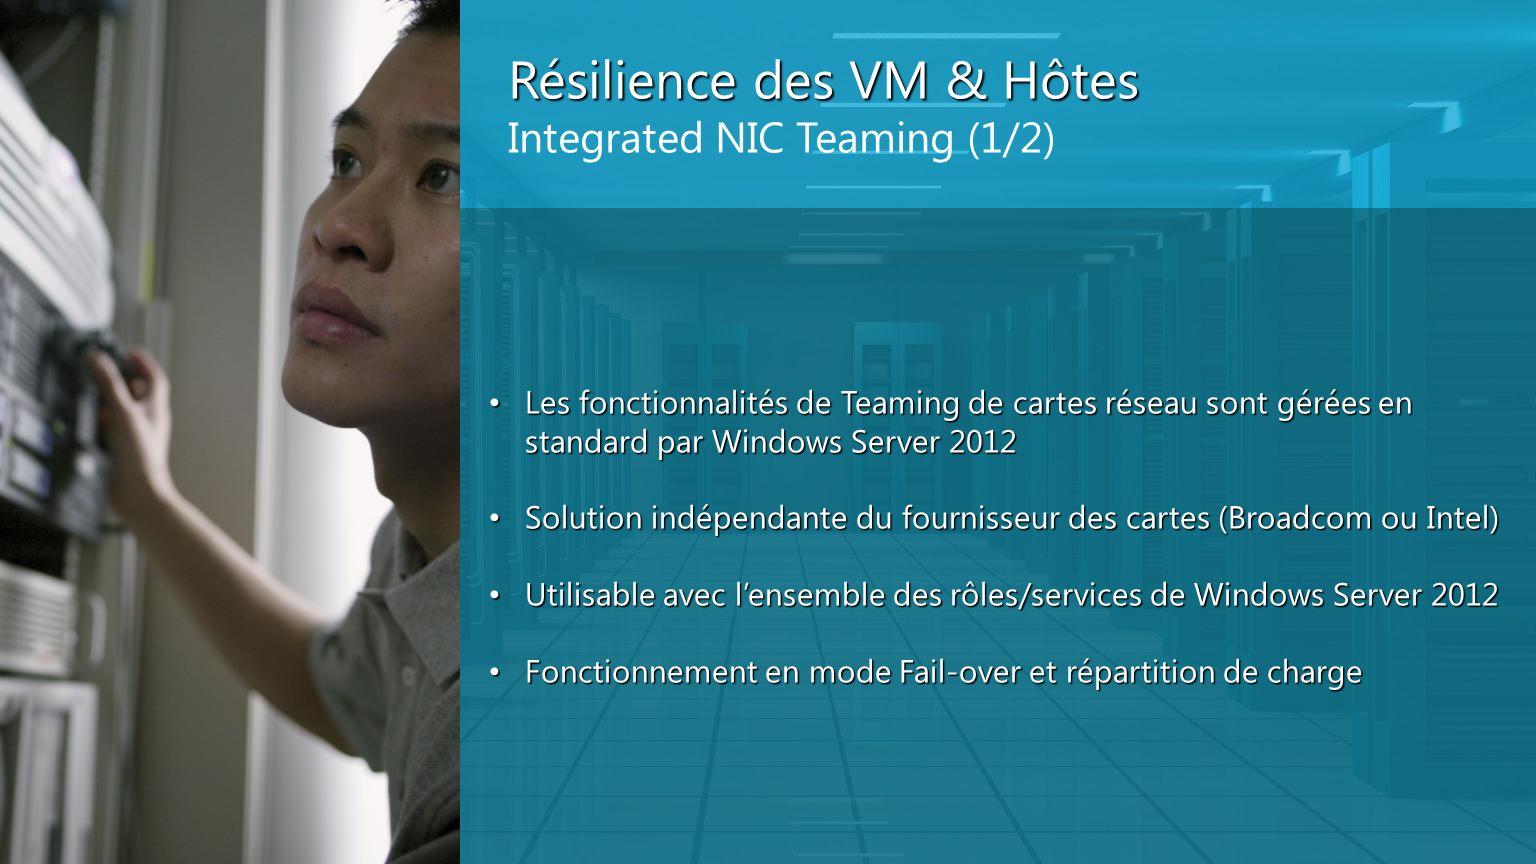 Résilience des VM & Hôtes Integrated NIC Teaming (1/2) Les fonctionnalités de Teaming de cartes réseau sont gérées en standard par Windows Server 2012